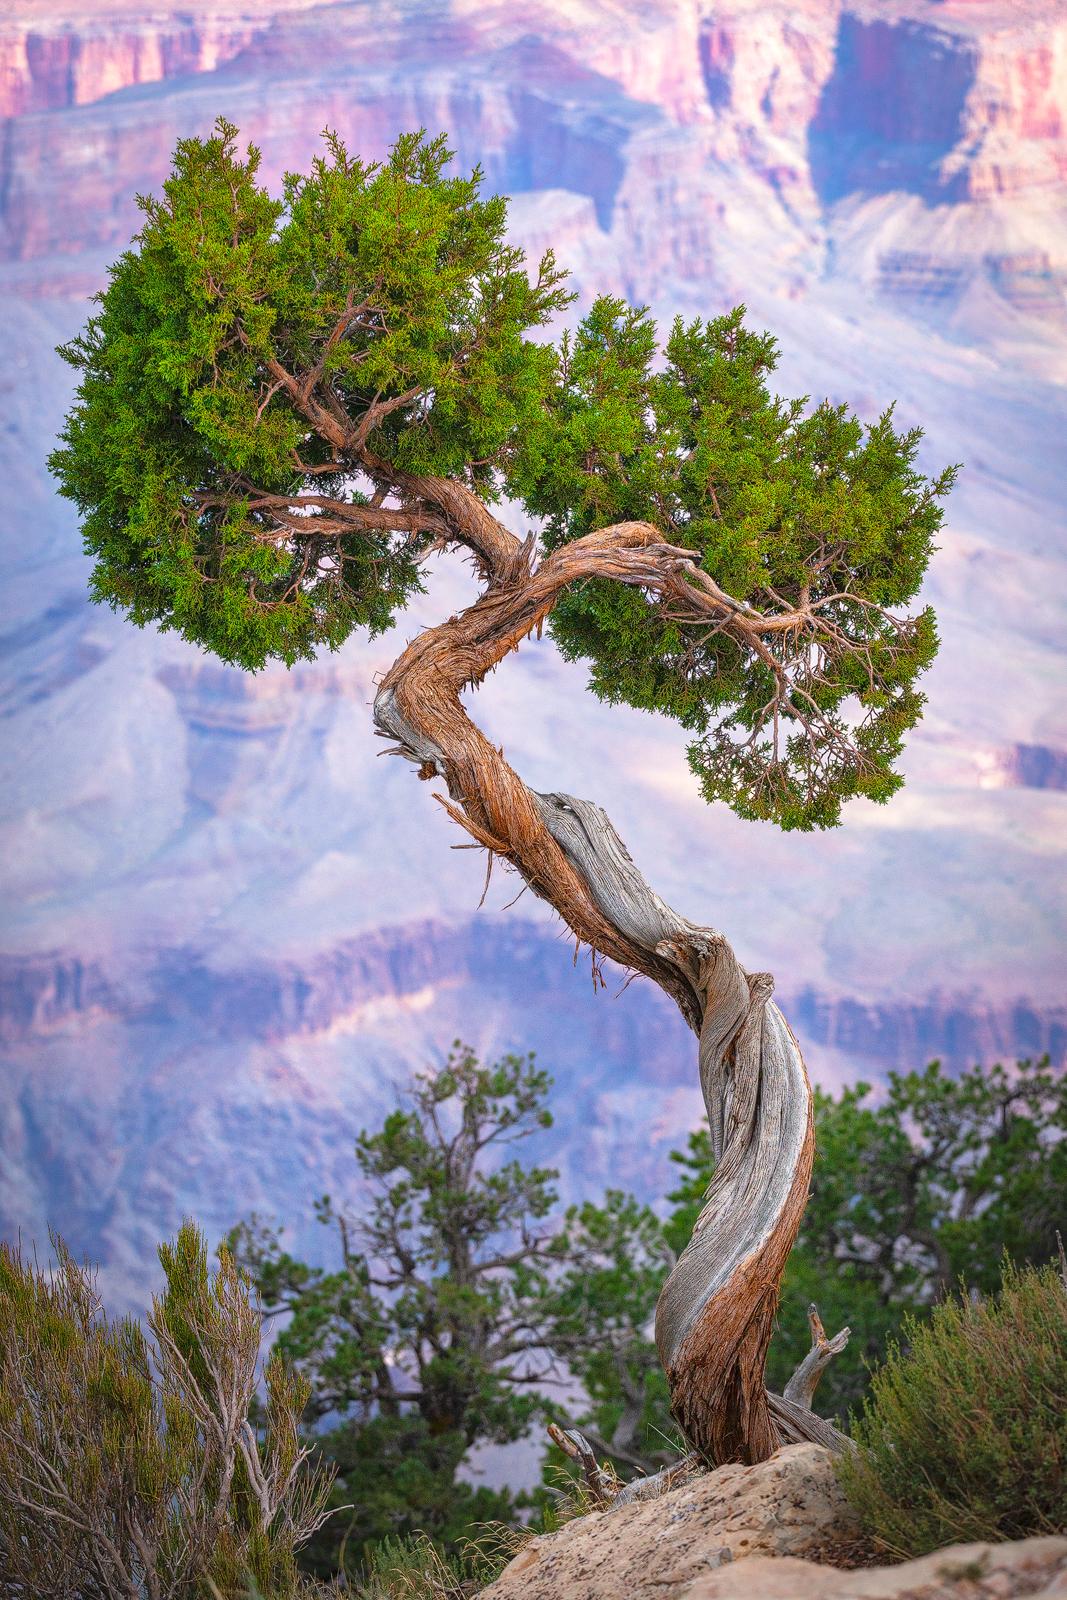 Nature - Photo 17